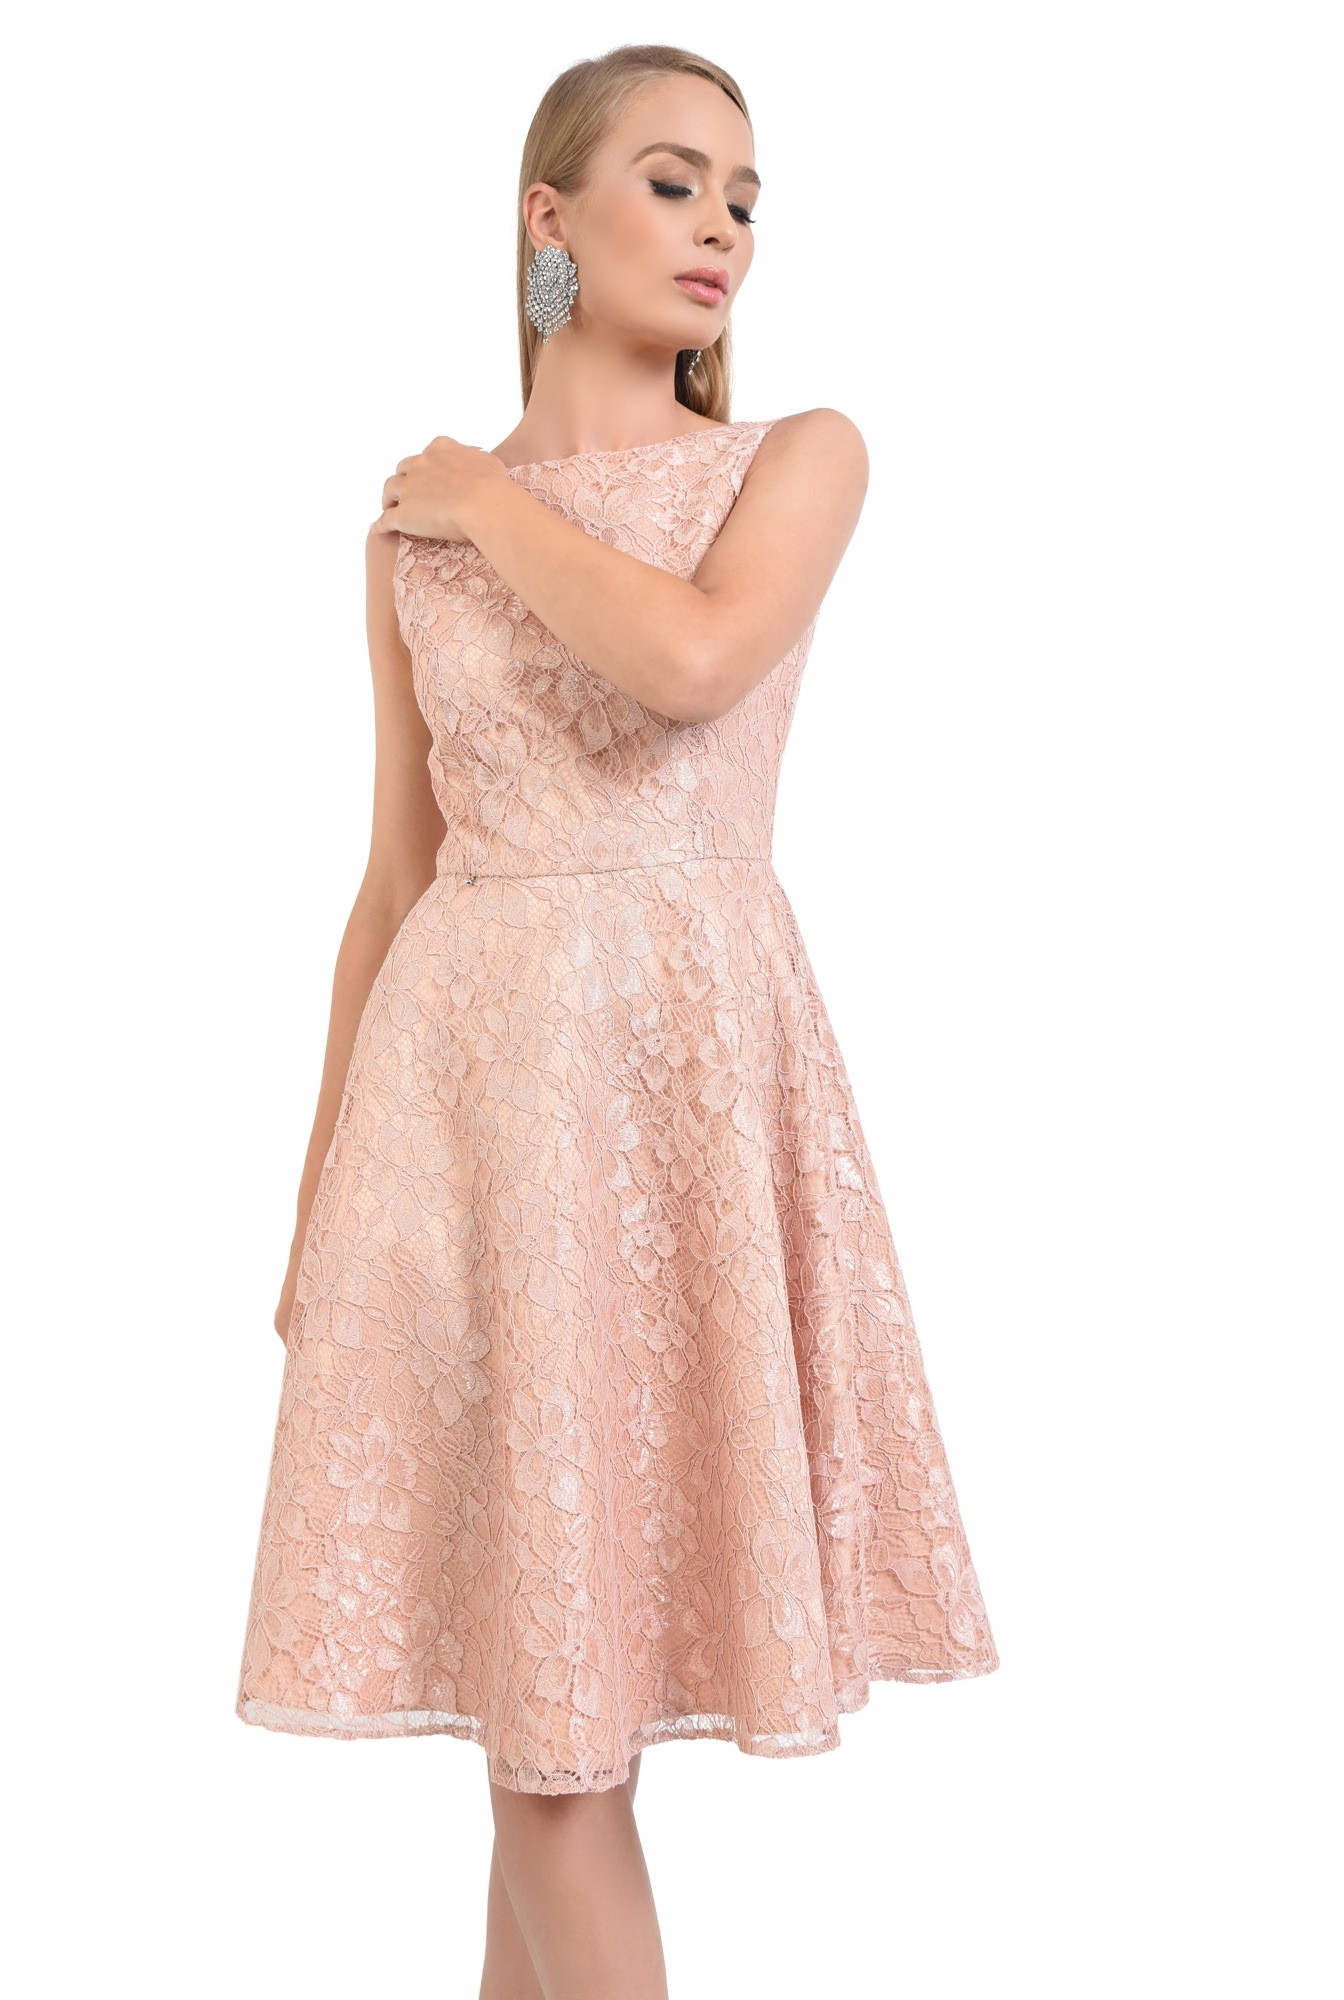 0 - rochie eleganta, peach, spate decoltat, decolteu barcuta